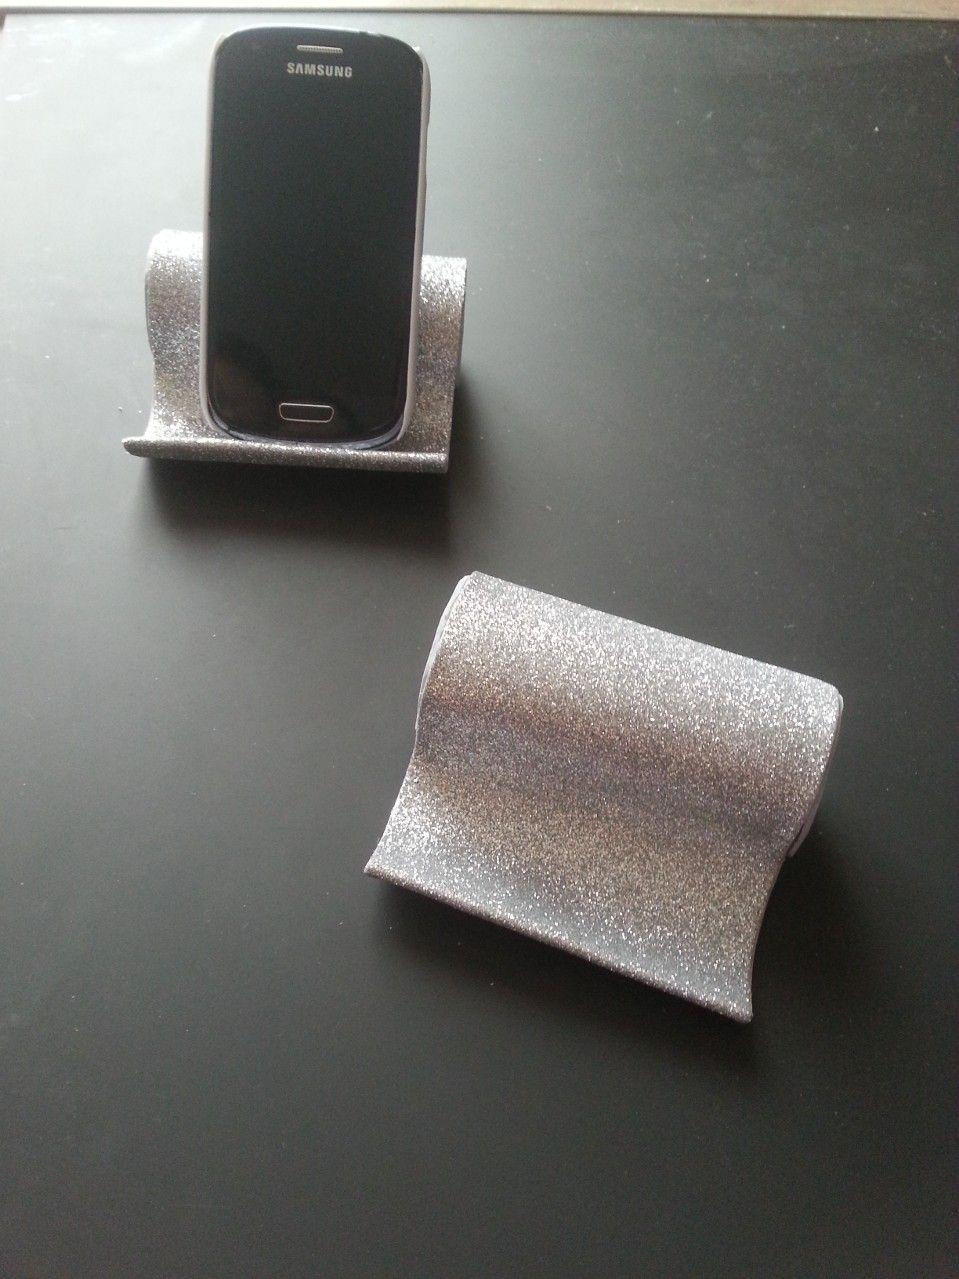 Porte t l phone avec rouleau de papier toilette diy rouleaux toilettes pinterest porte - Recyclage rouleau papier toilette ...